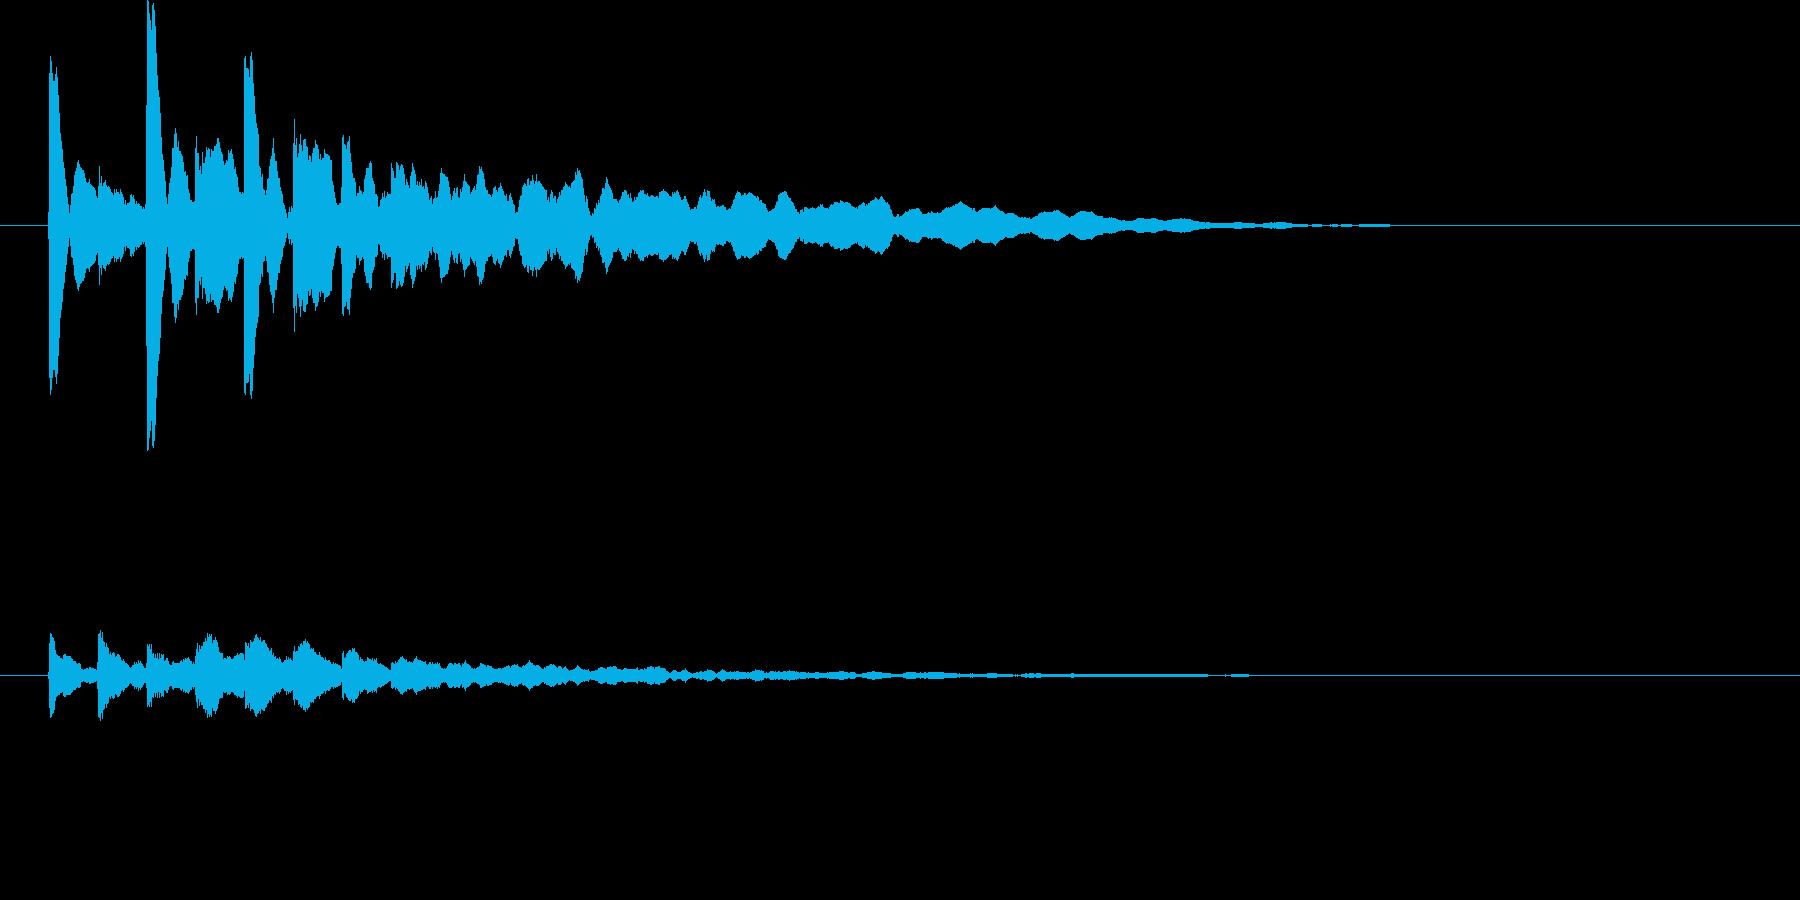 幾重にも輪を描き拡がる波紋の音の再生済みの波形